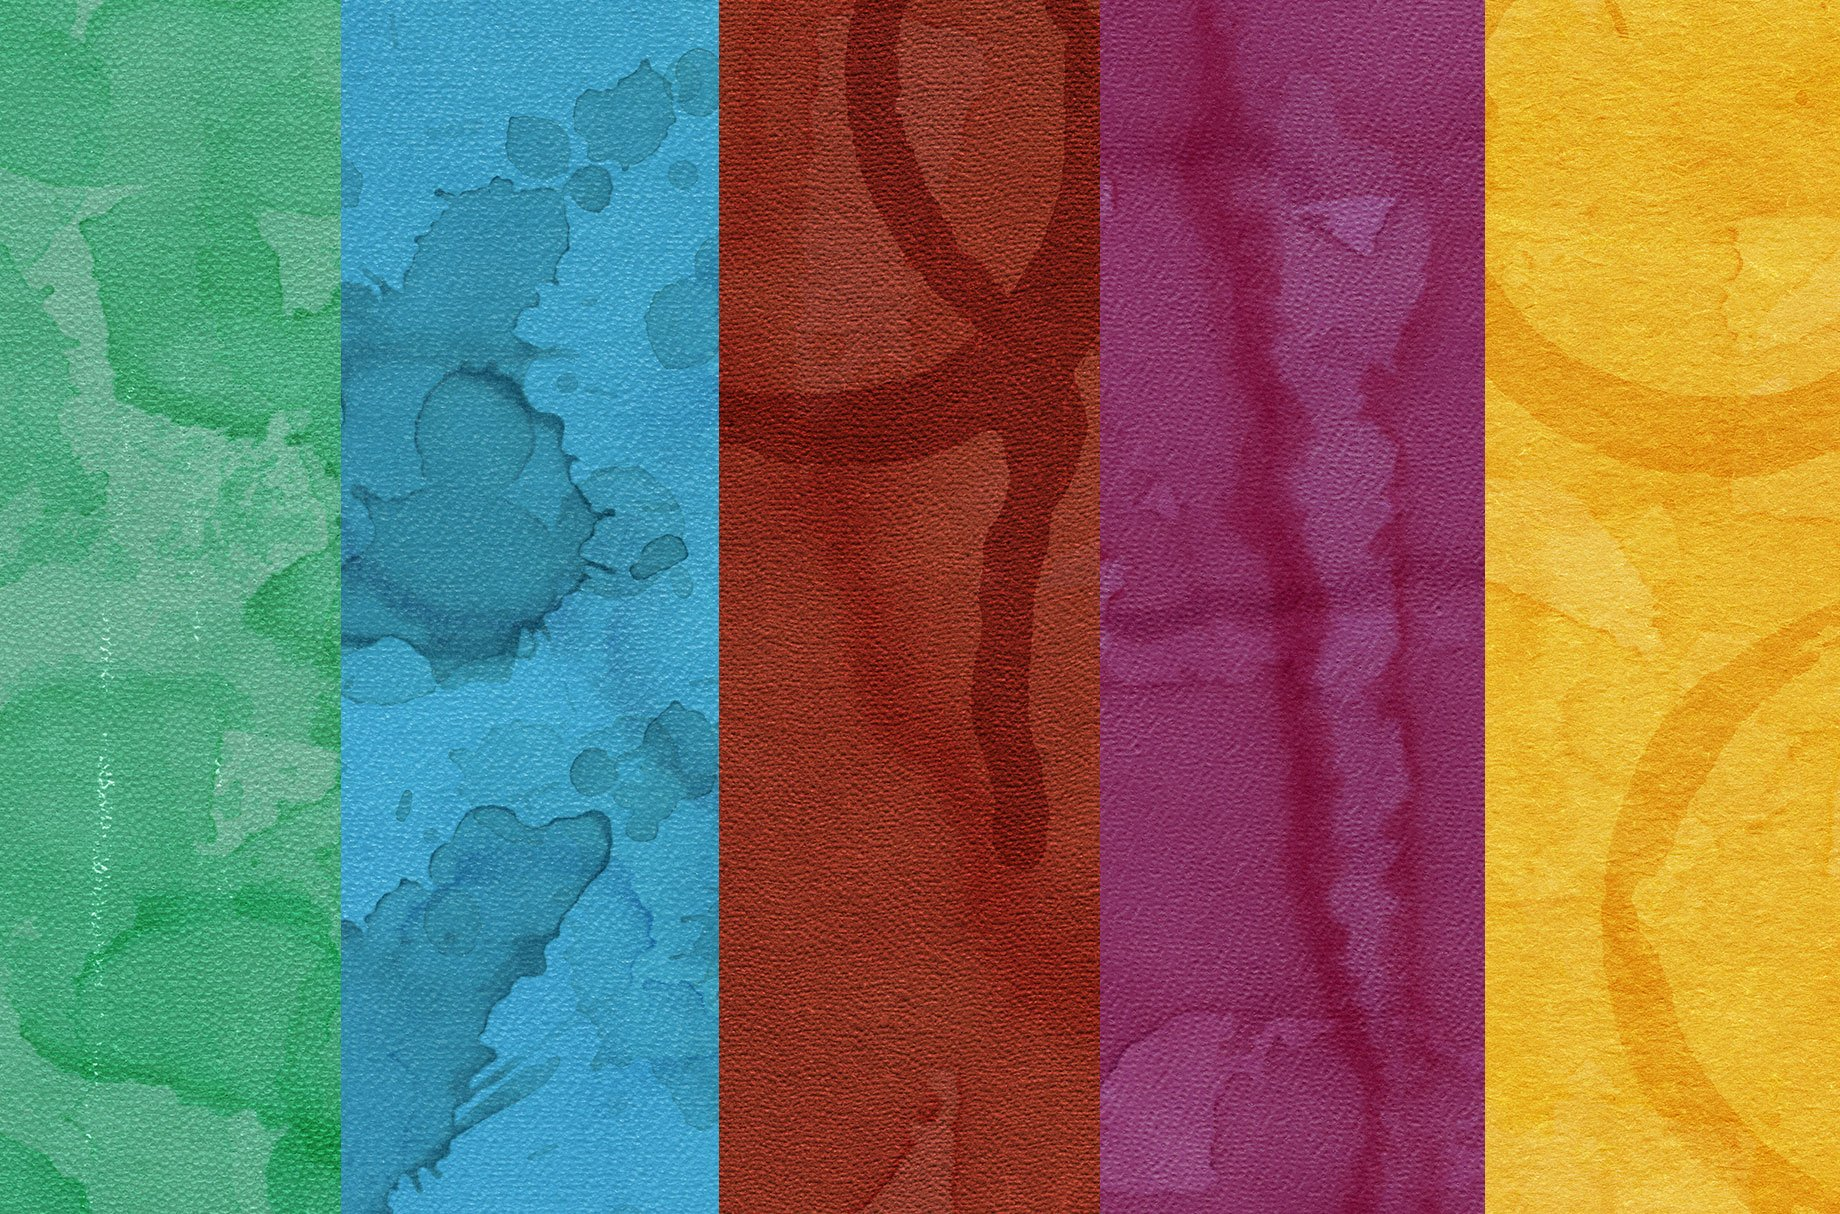 [单独购买] 130款高清复古做旧艺术纸纹理海报设计背景底纹图片设计素材 130 Retro Book Covers插图5